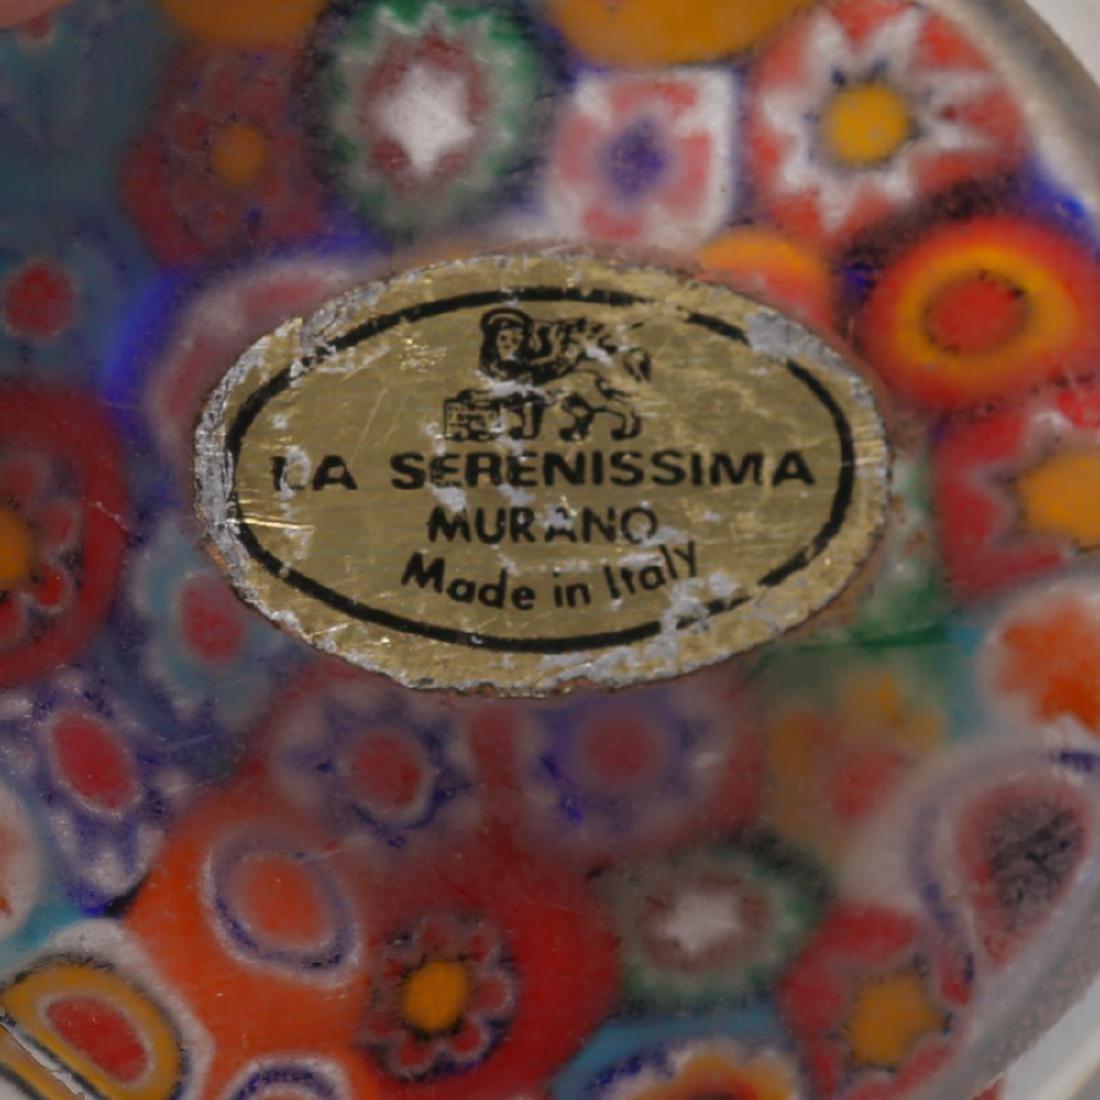 Murano Venetian Art Glass Paperweights, Group of 4 - 4